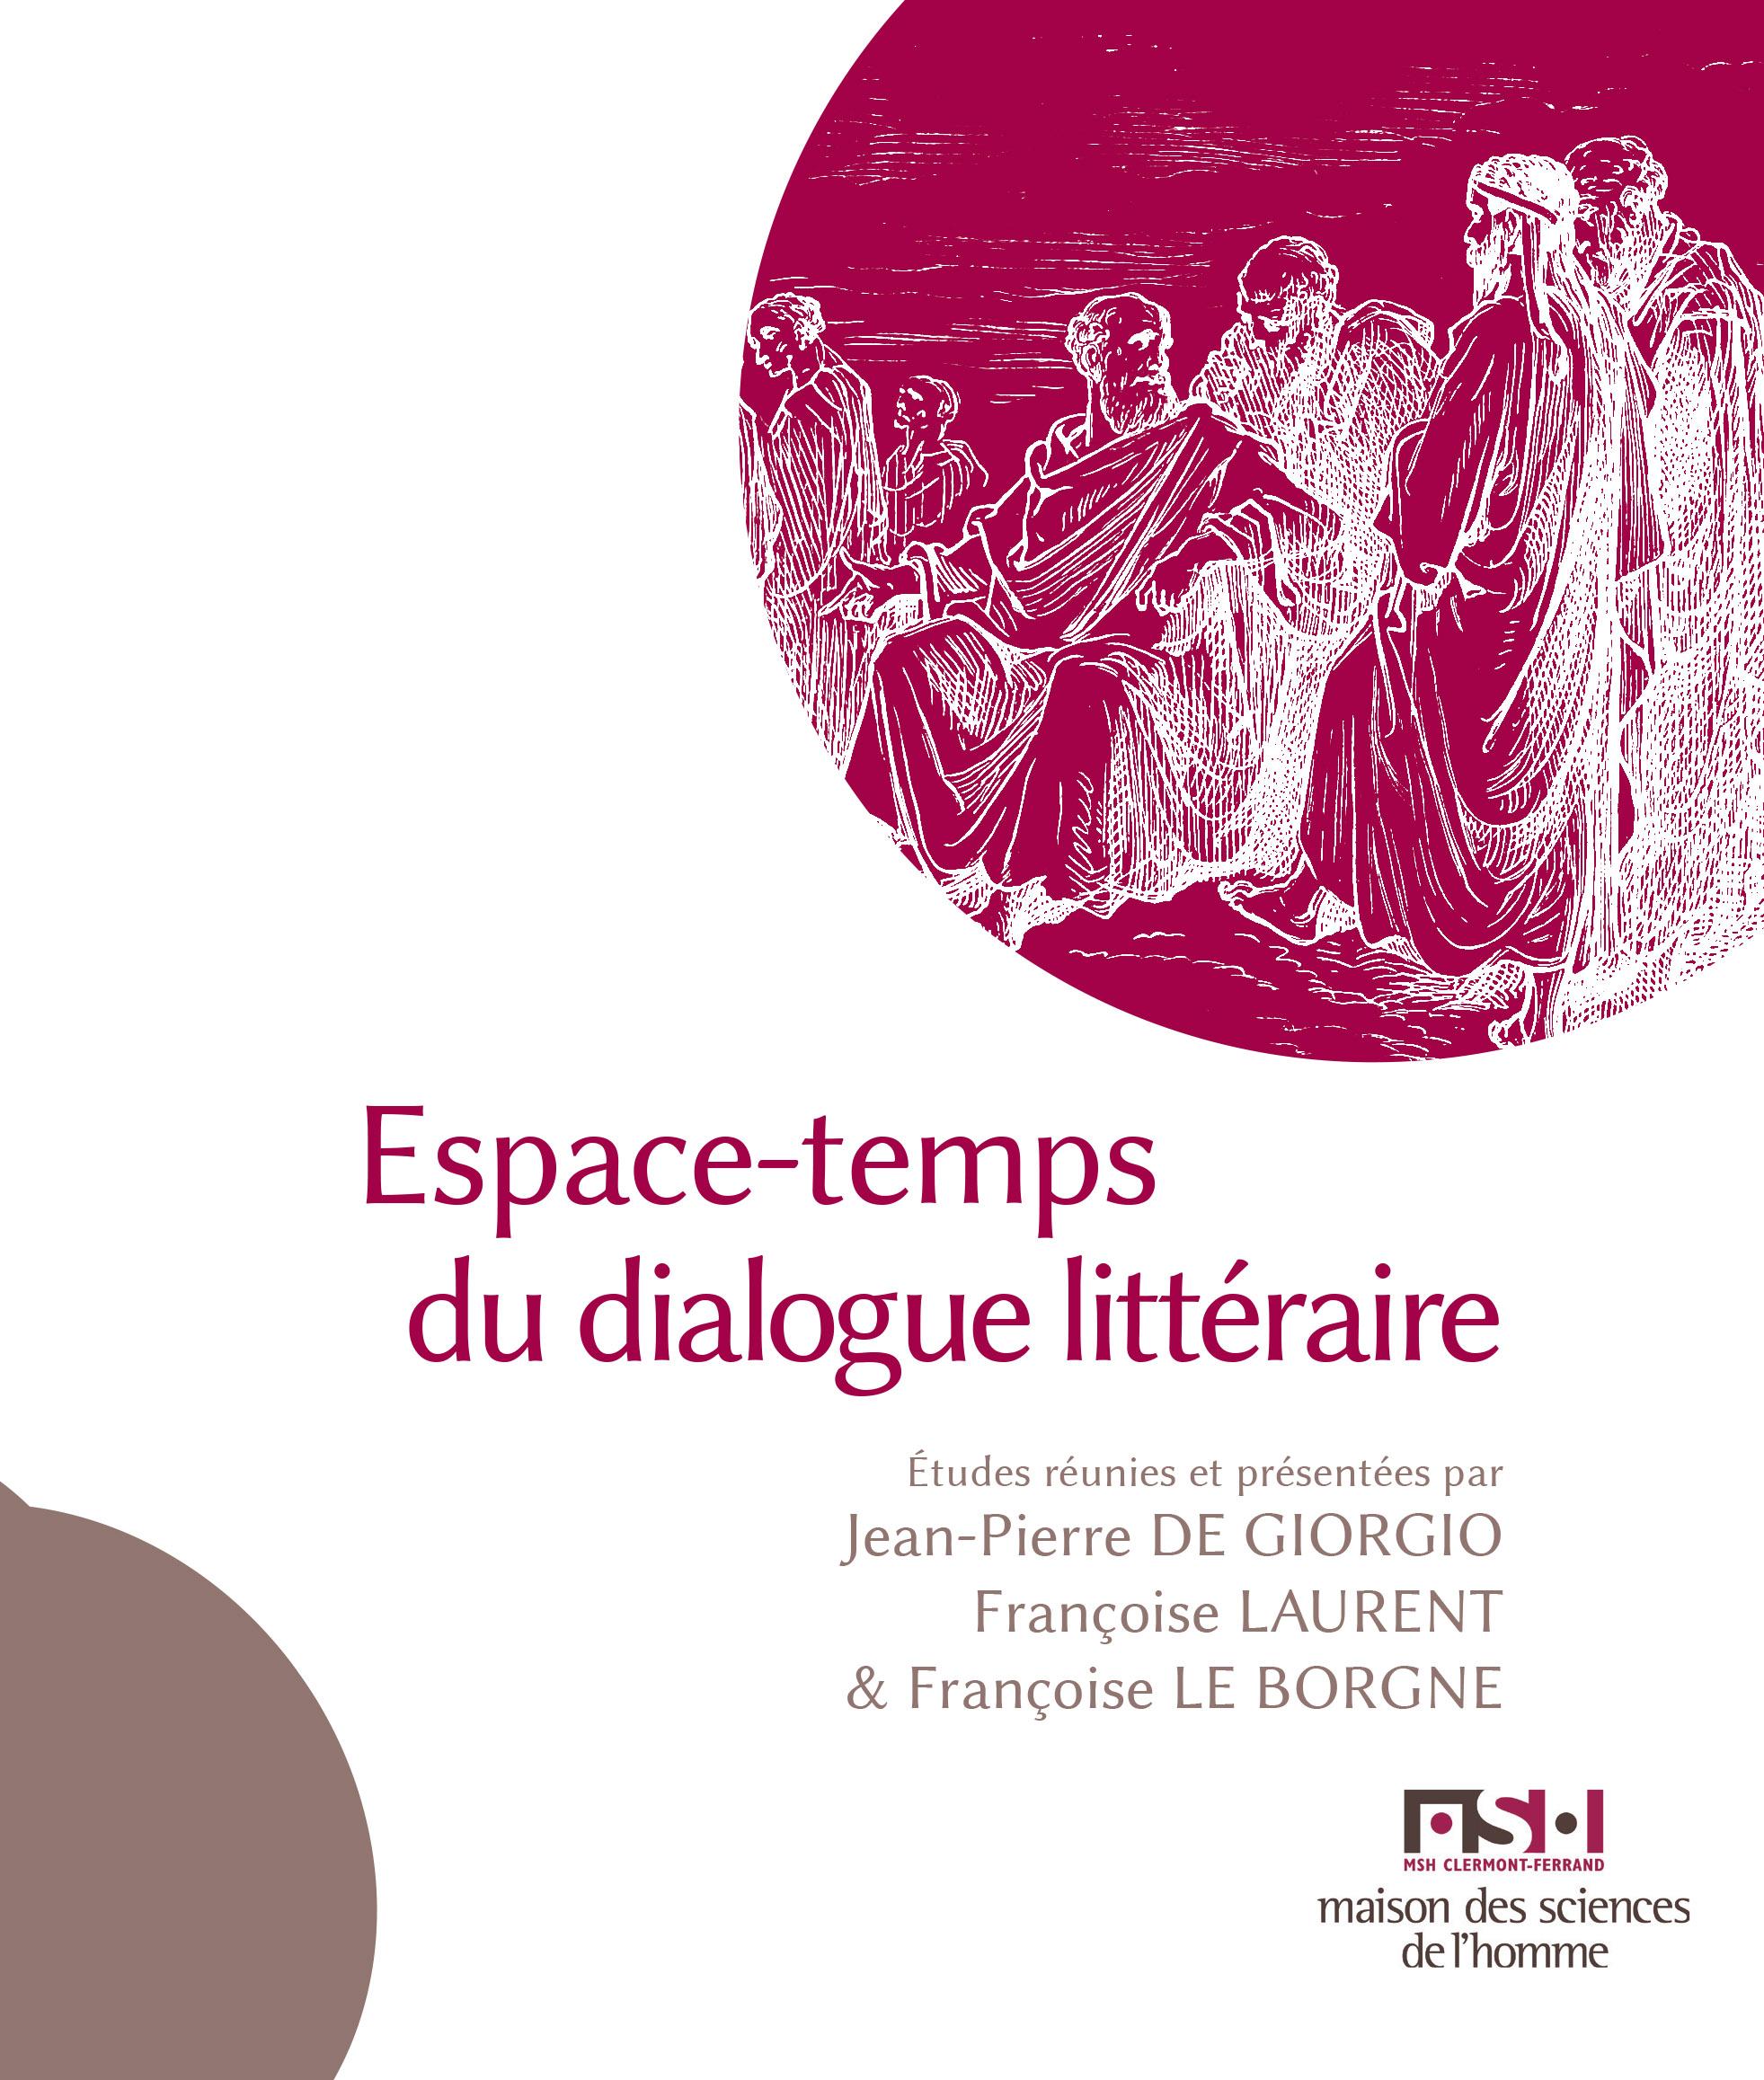 J.-P. De Giorgio, Fr. Laurent, Fr. Le Borgne (dir.), Espace-temps du dialogue littéraire